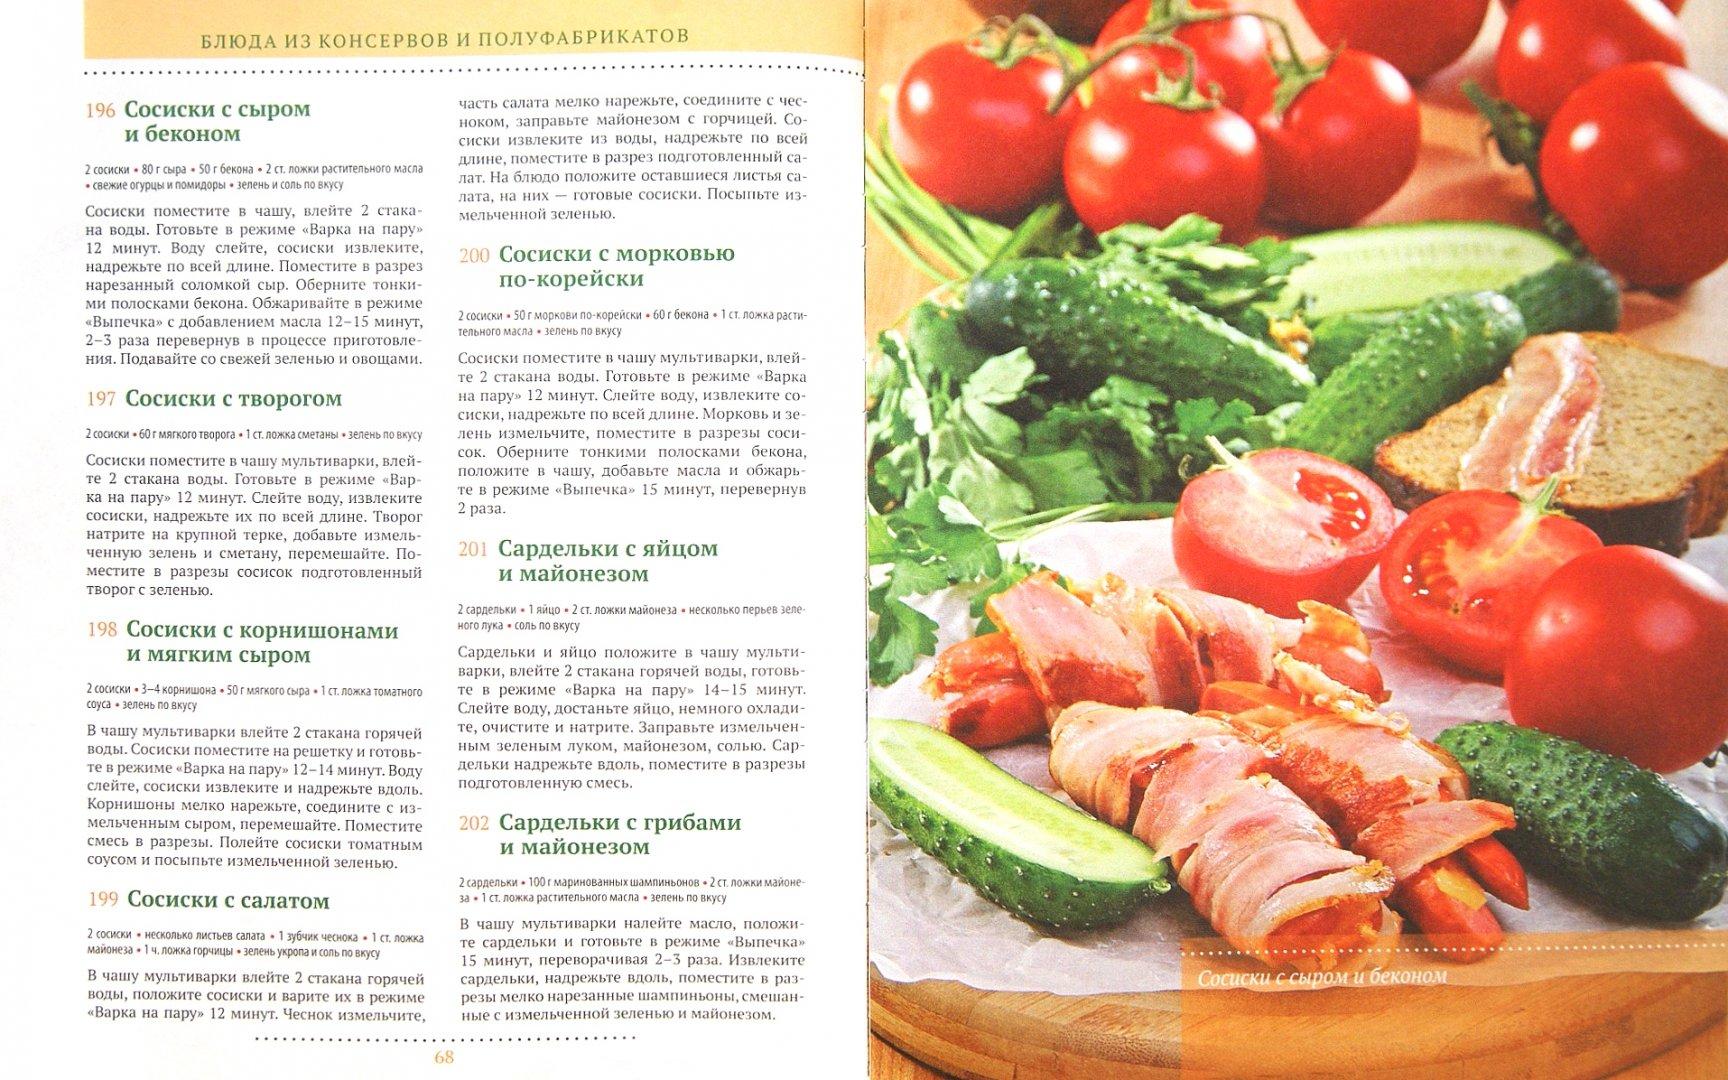 Иллюстрация 1 из 28 для 365 рецептов. Завтраки в мультиварке - С. Иванова | Лабиринт - книги. Источник: Лабиринт